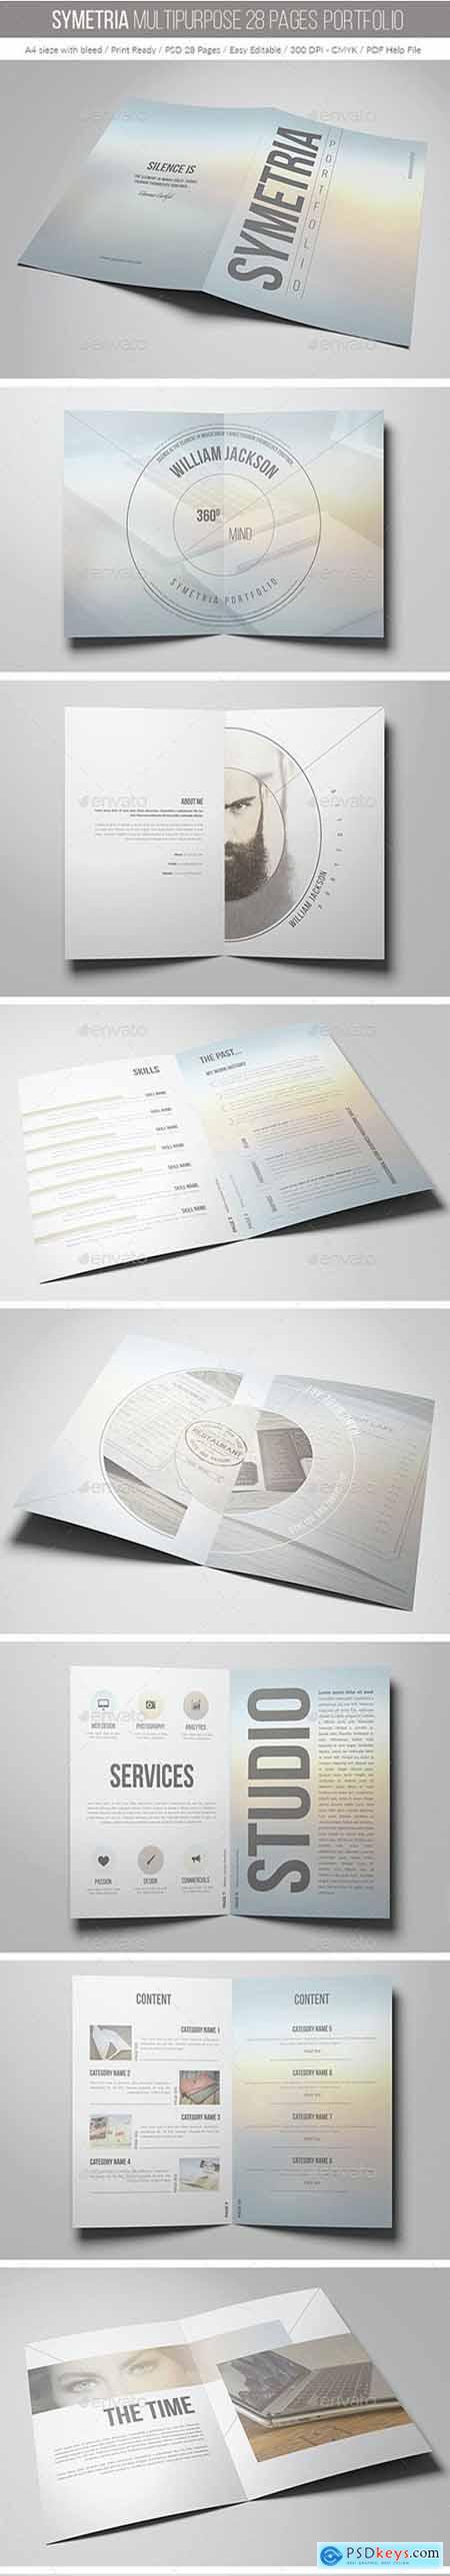 Symetria Multipurpose 28 Pages Portfolio 14846077